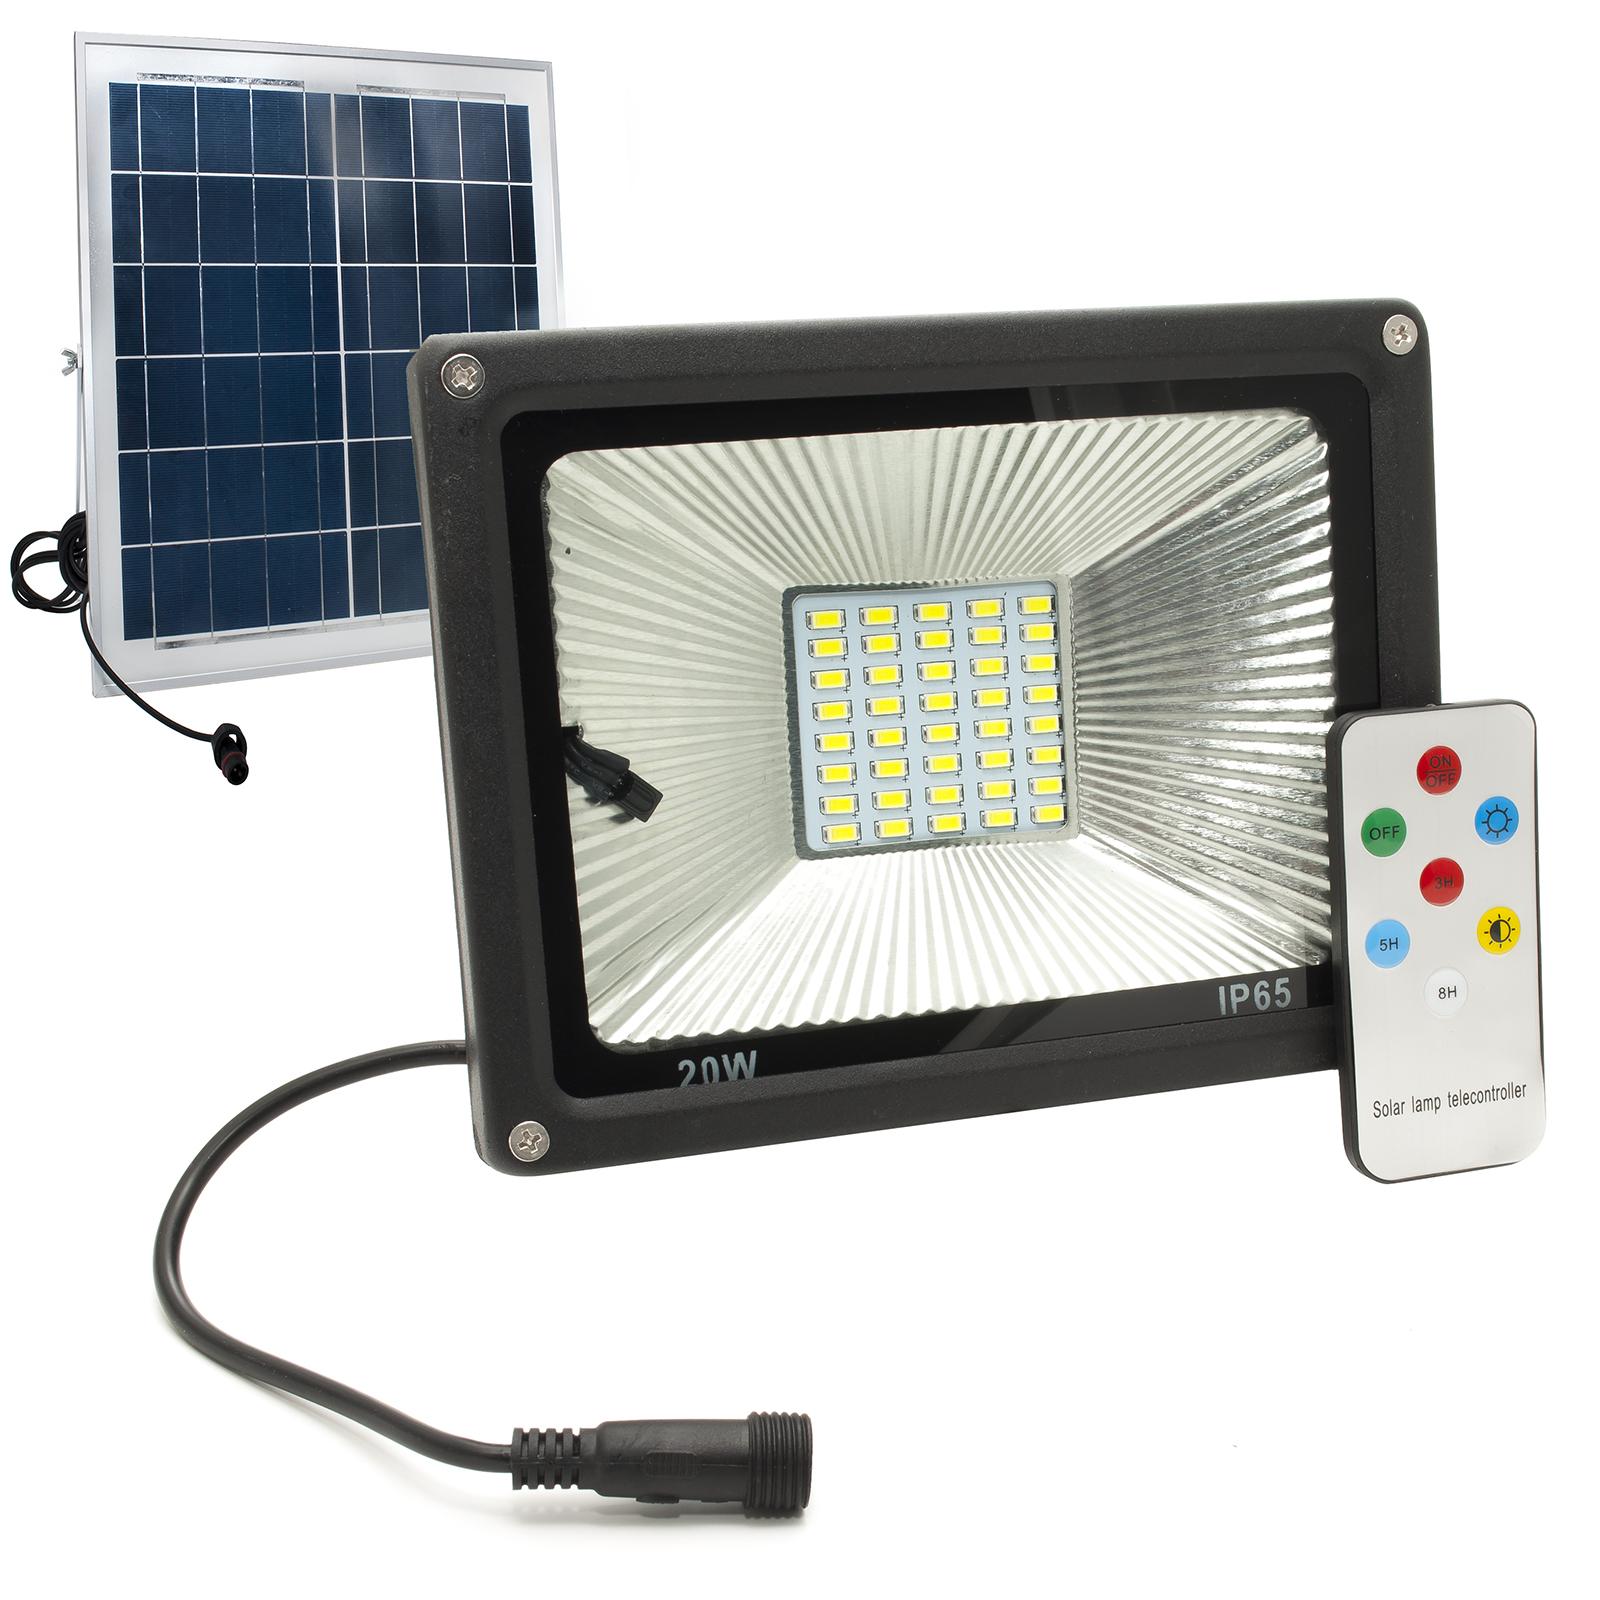 Luce Per Esterno Con Pannello Solare.Faro Led 20w Faretto Crepuscolare Esterno Ip65 Pannello Solare Telecomando